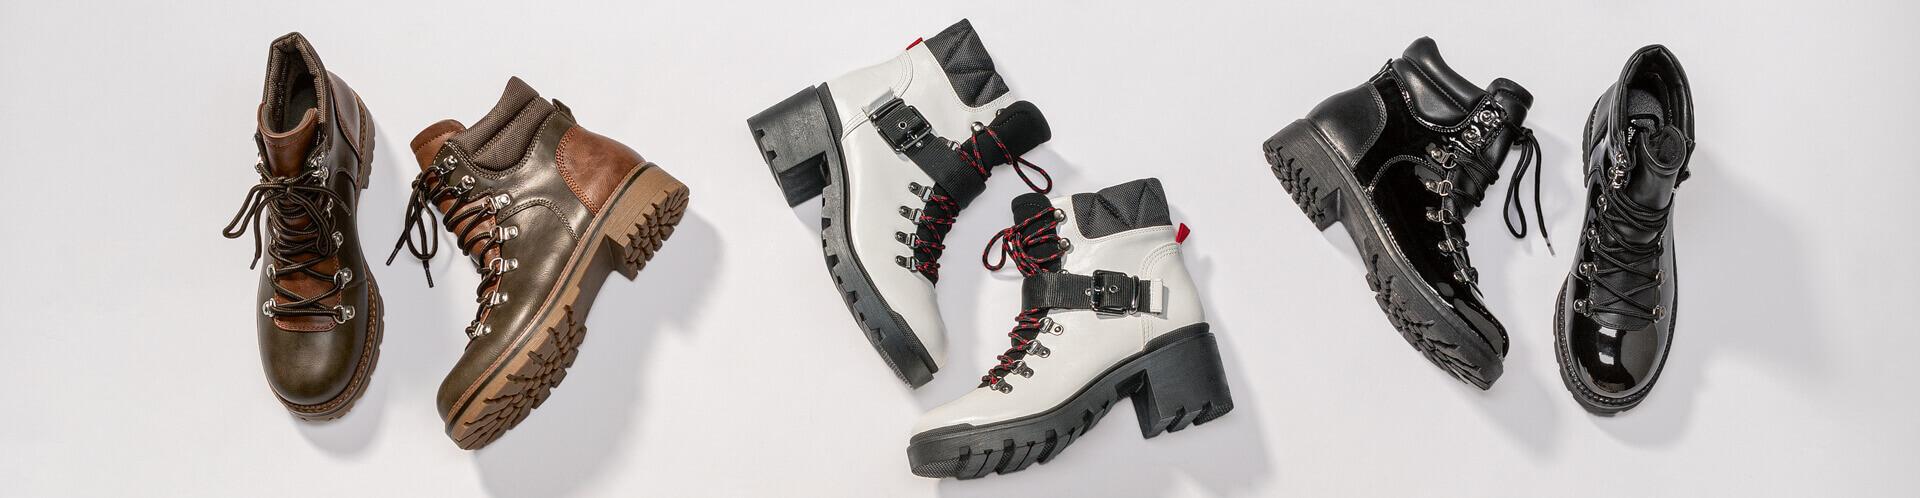 05-Winter-Boots-kachel